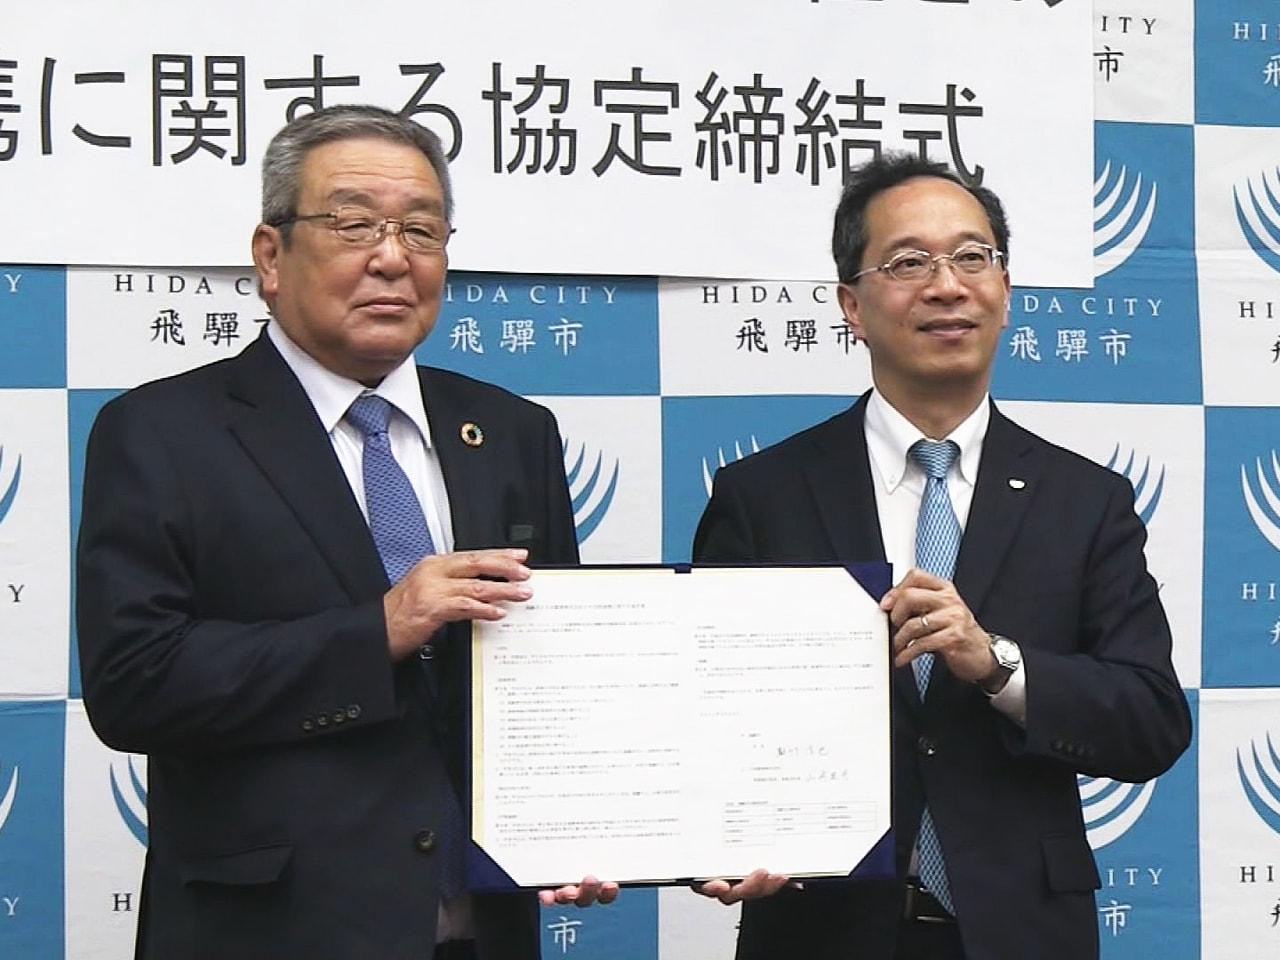 岐阜県飛騨市と日本郵便東海支社は過疎地域に住む買い物弱者を支援しようと3月、包括...